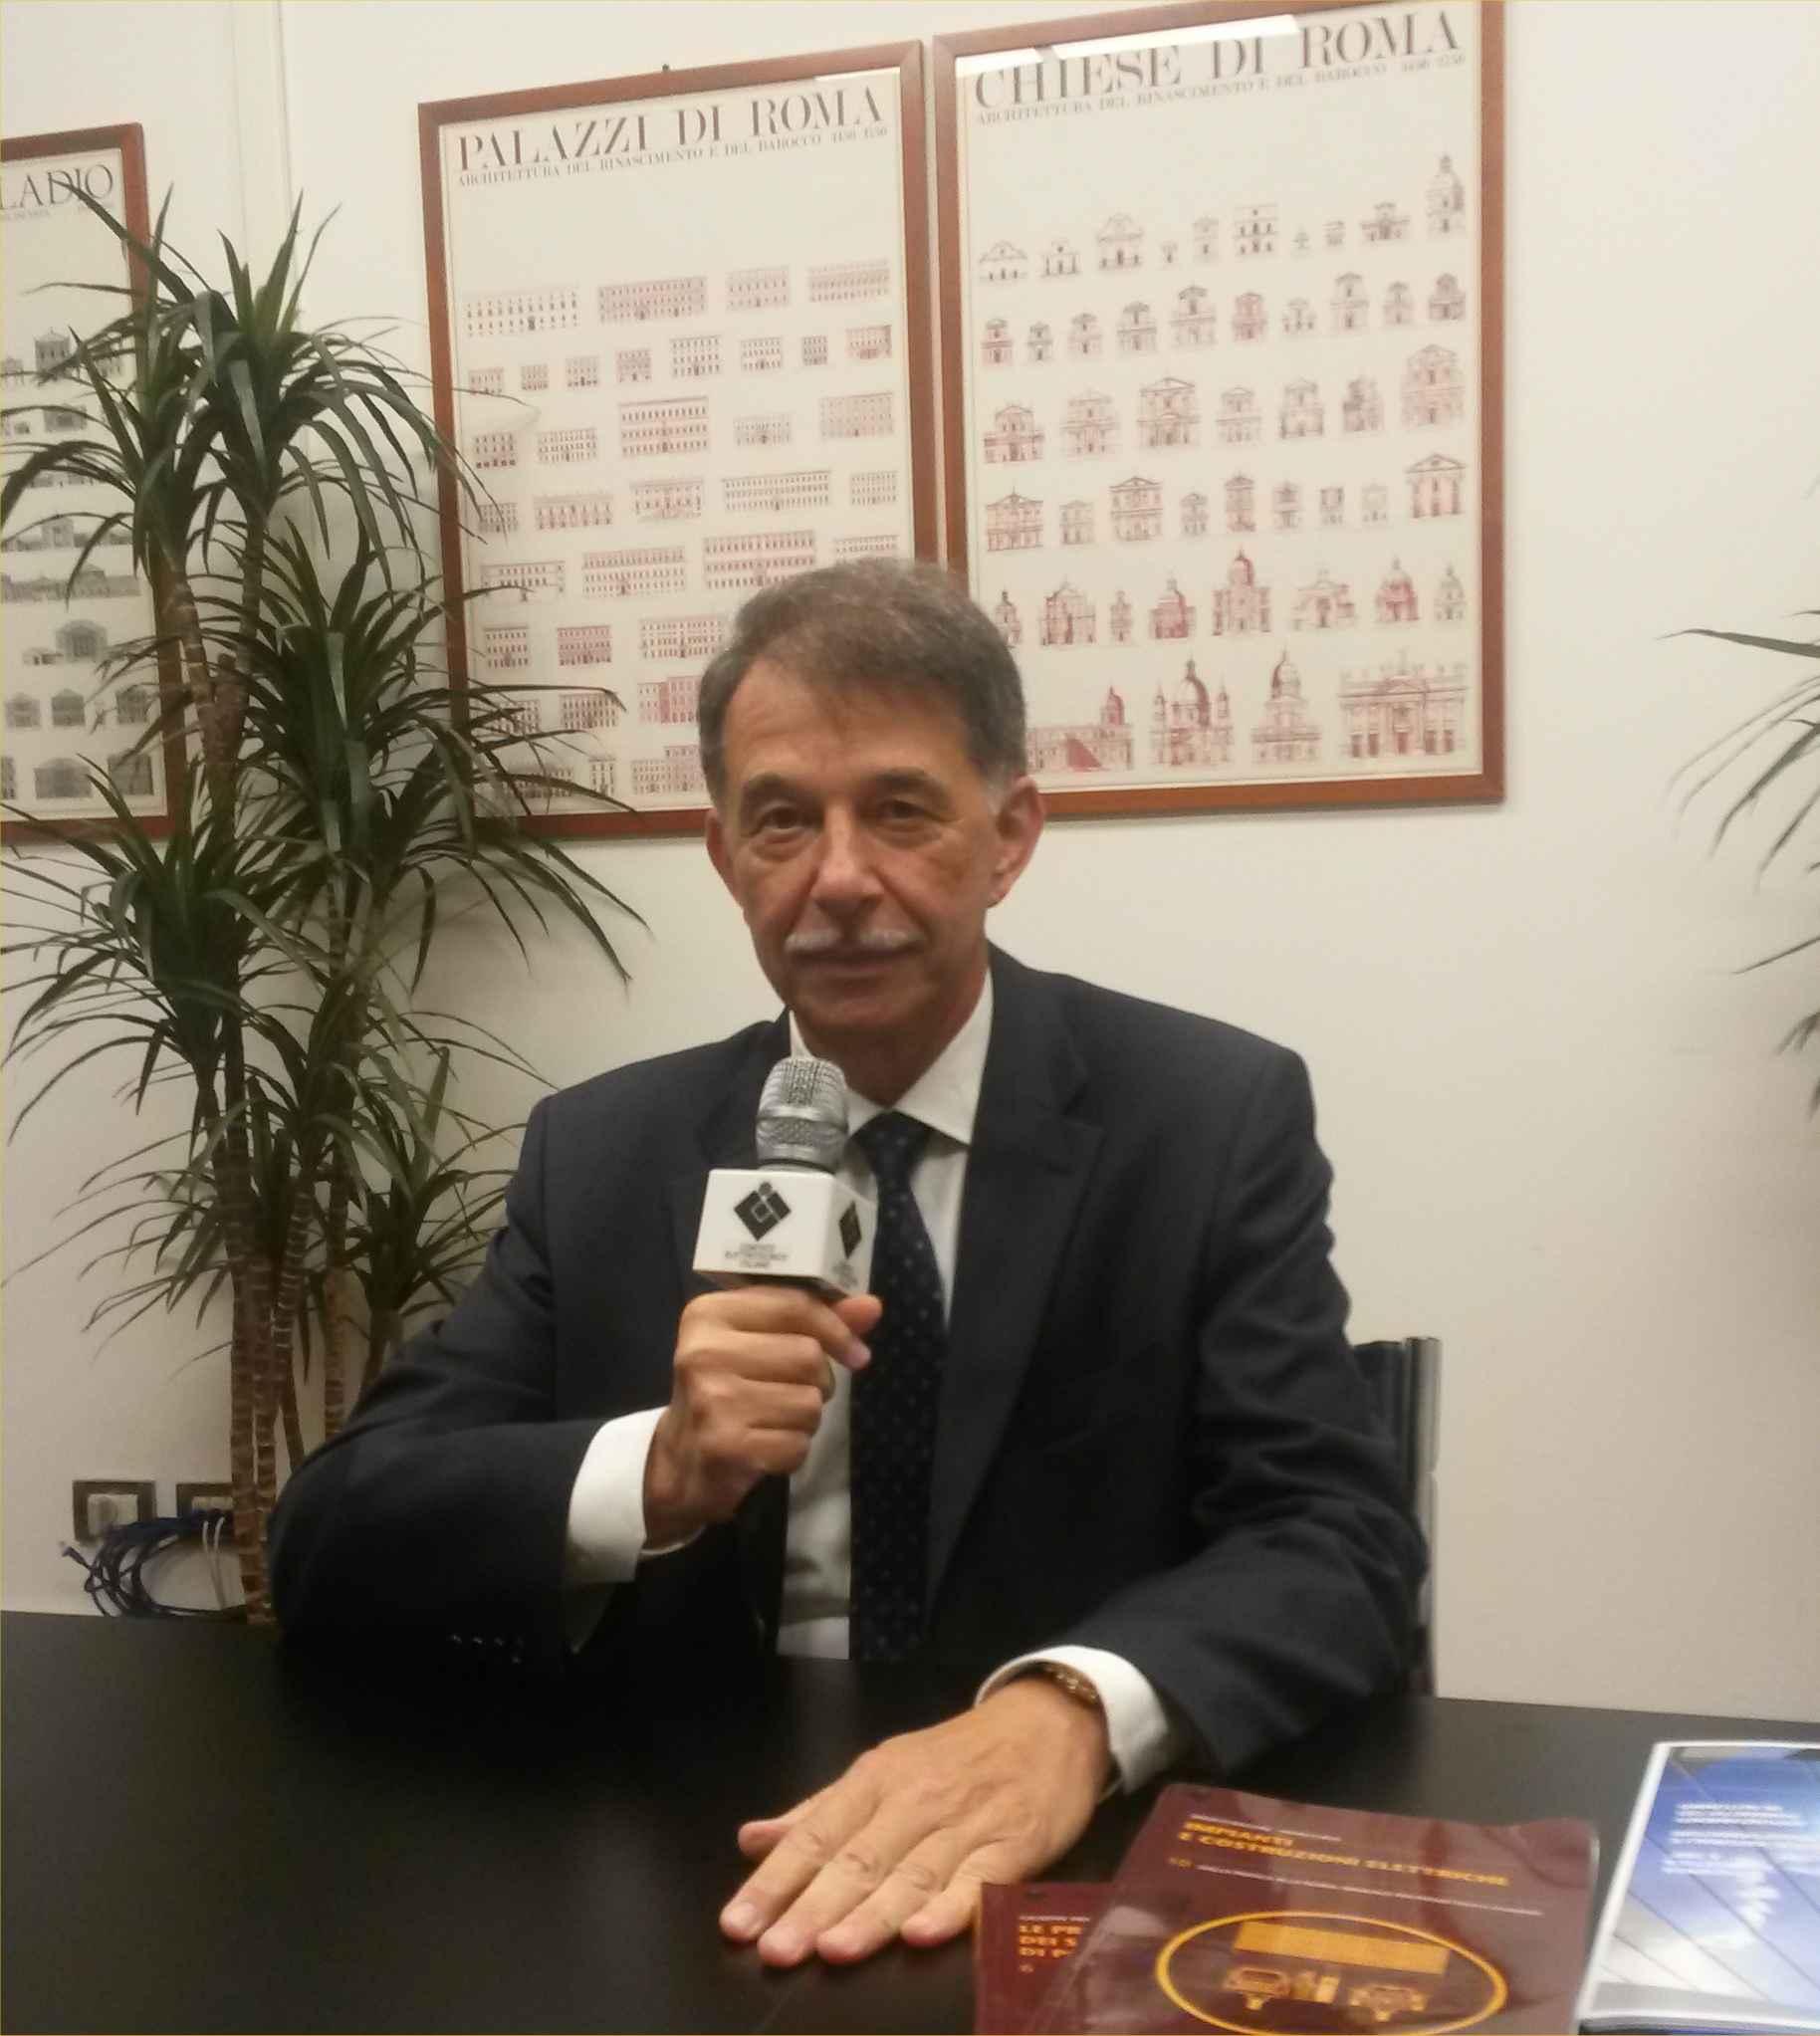 Alberto Iliceto